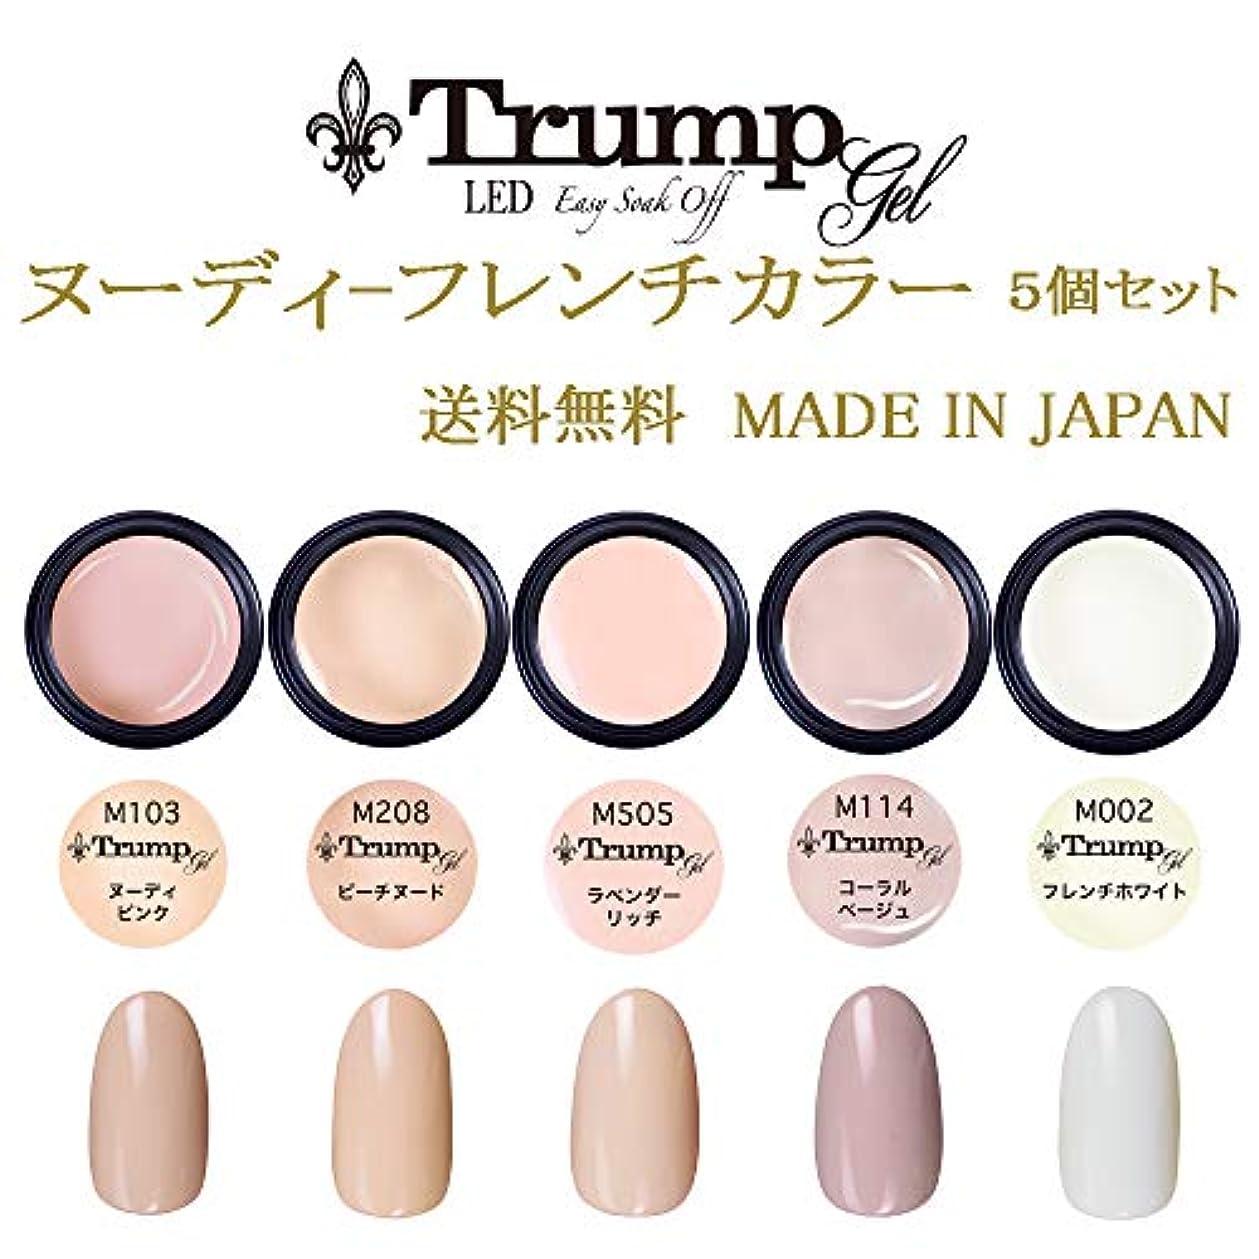 矢不十分疎外する【送料無料】日本製 Trump gel トランプジェルヌーディフレンチカラージェル 5個セット 肌馴染みの良い ヌーデイフレンチカラージェルセット